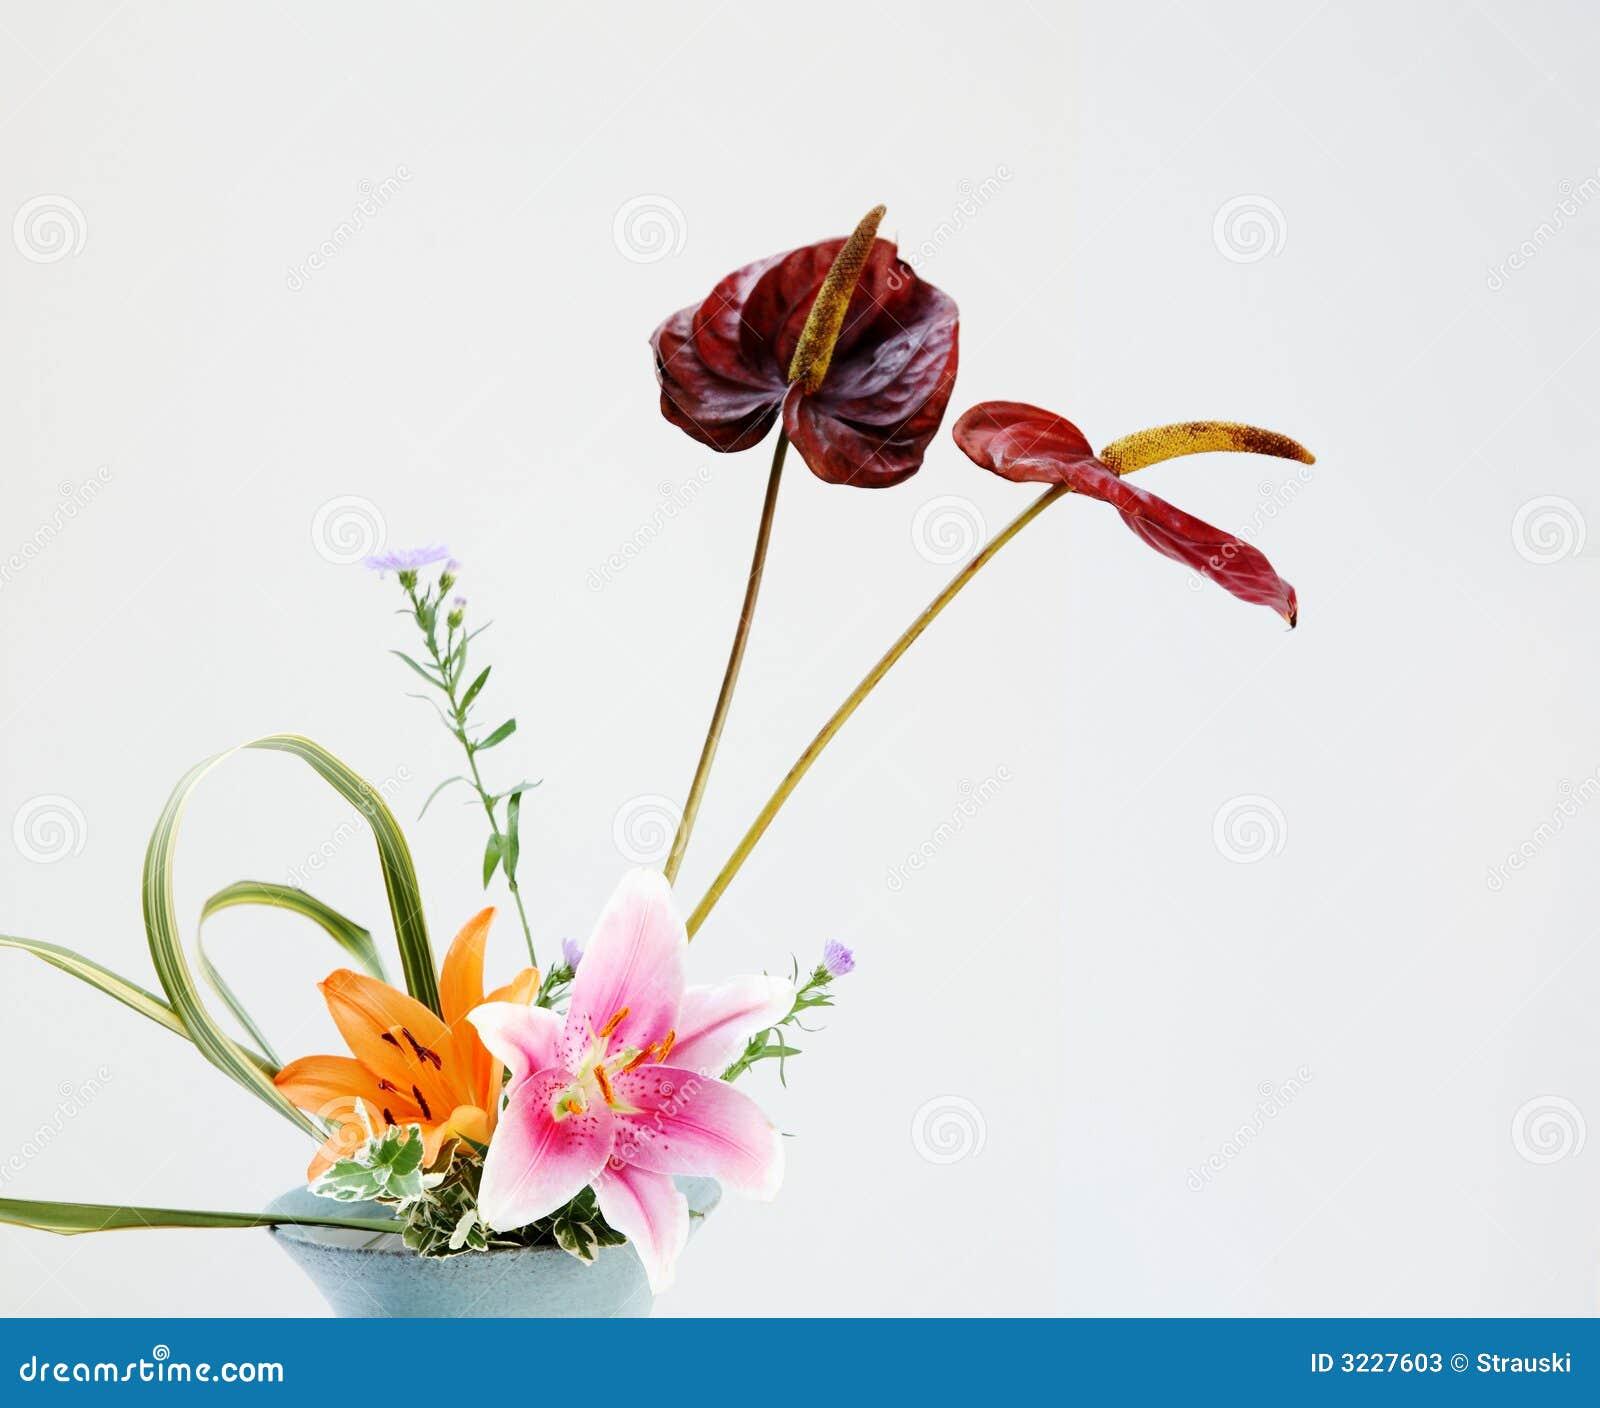 Flower Arrangement Stock Image Image Of Tiger Leaves 3227603